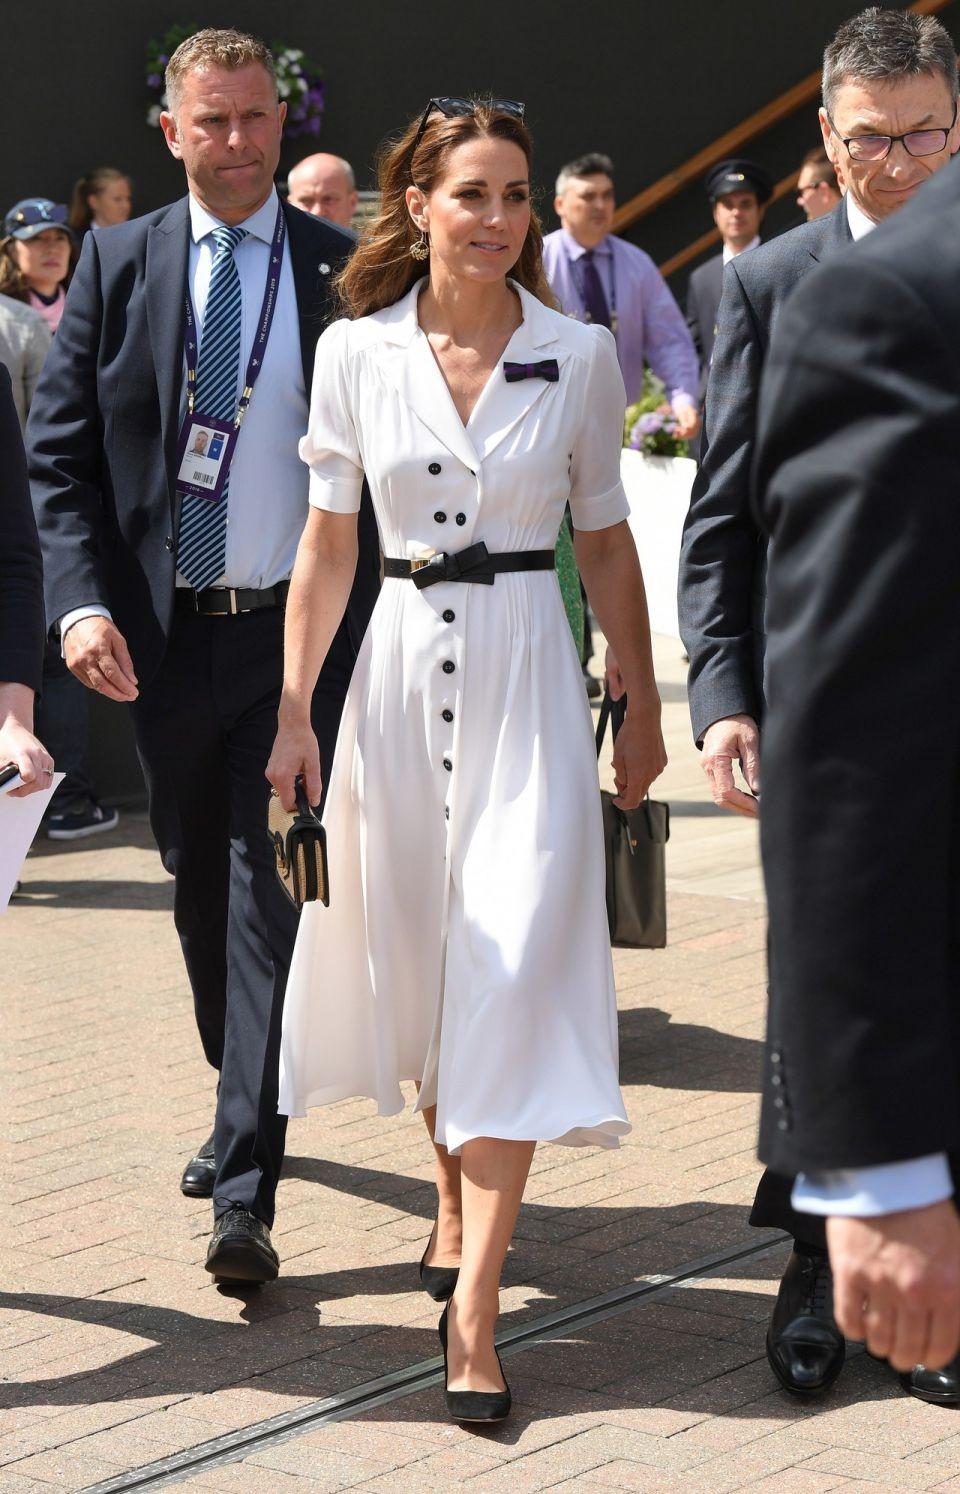 凯特王妃温网必穿「连身洋装」 复古旧包背出新花样